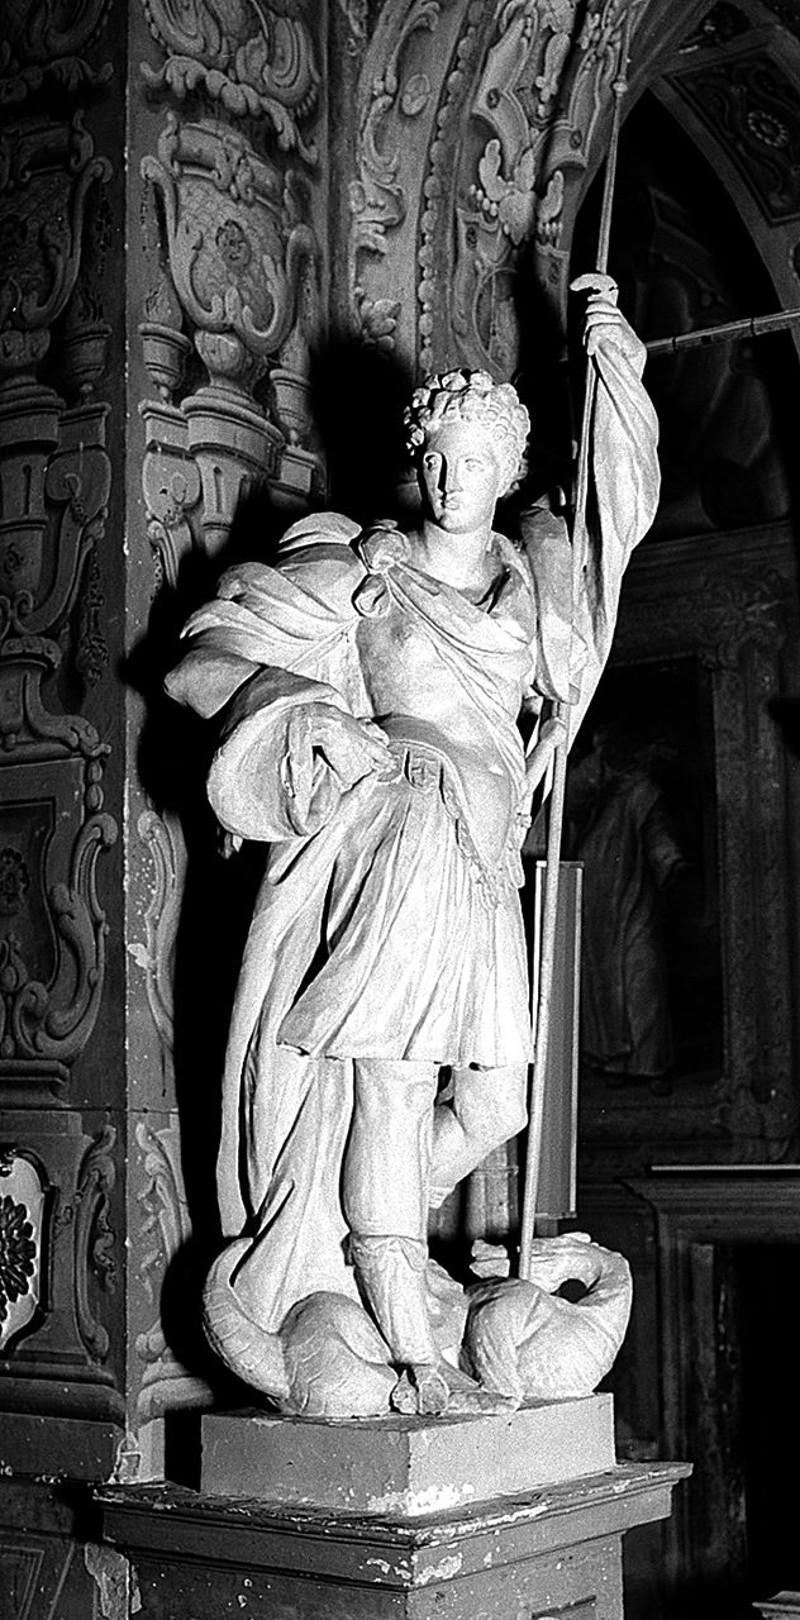 Albenga G. (1600-1605), Scultura con San Giorgio e il drago